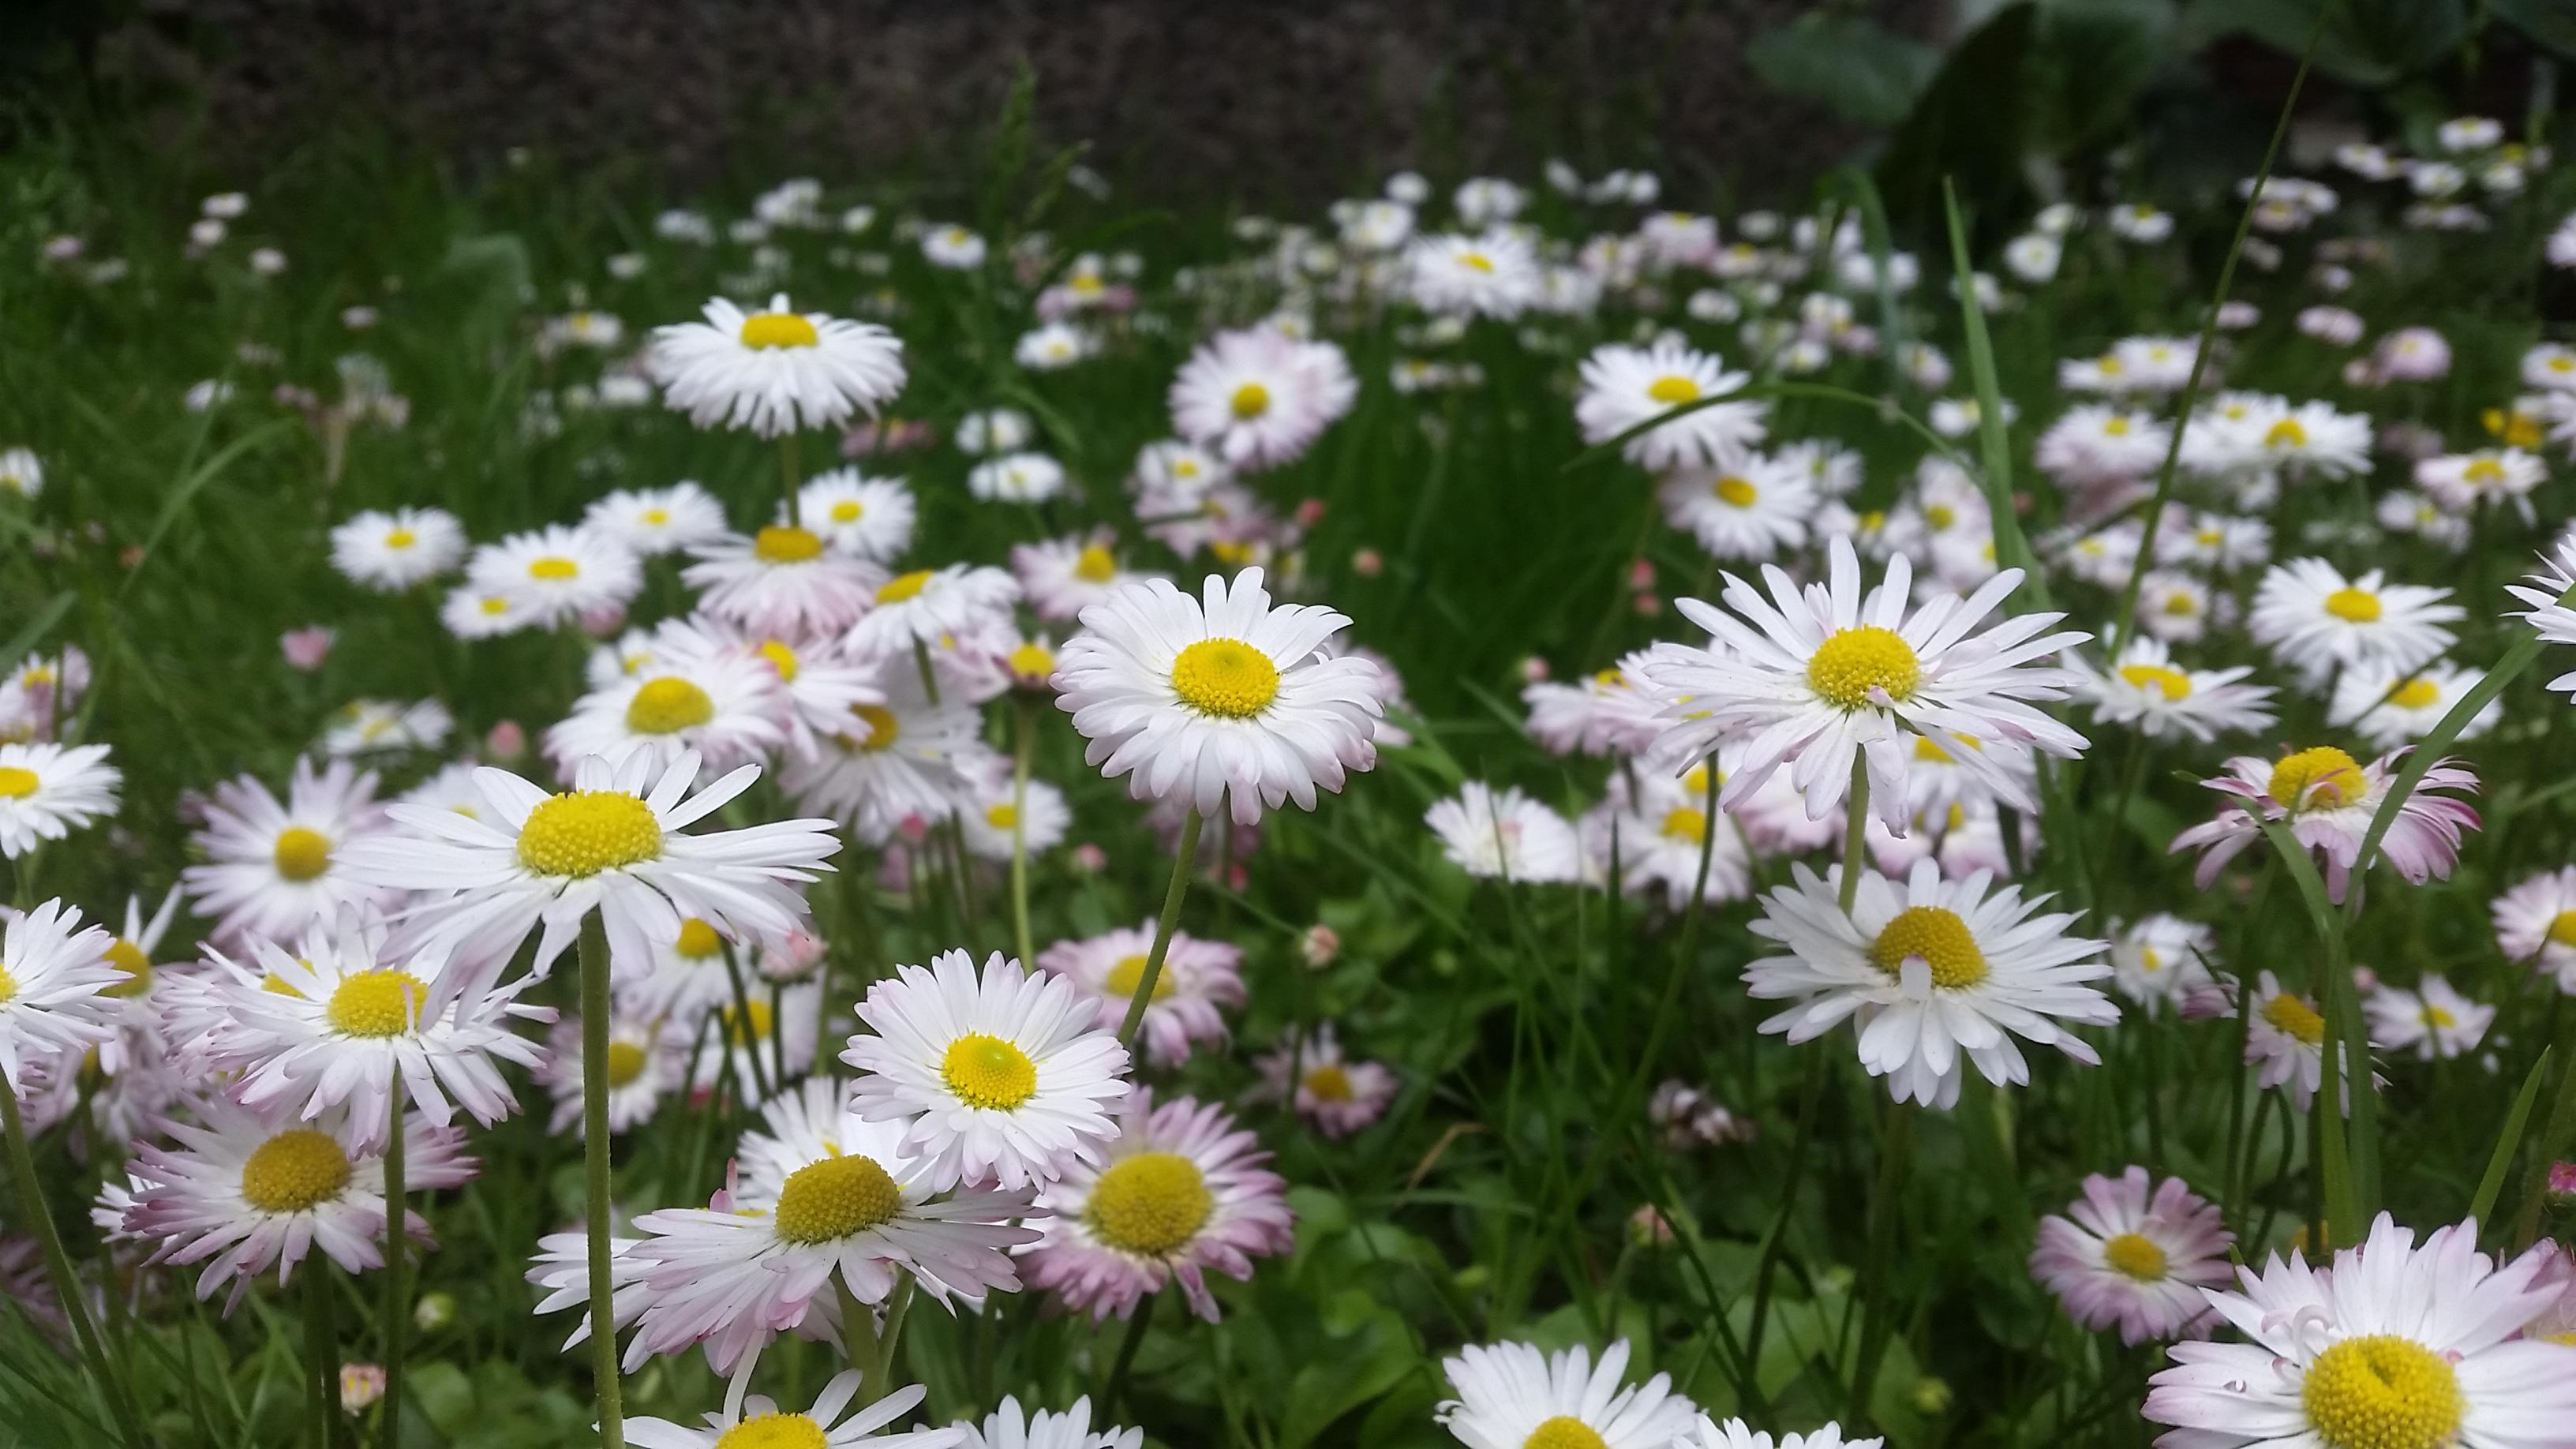 Gėlės saulutės